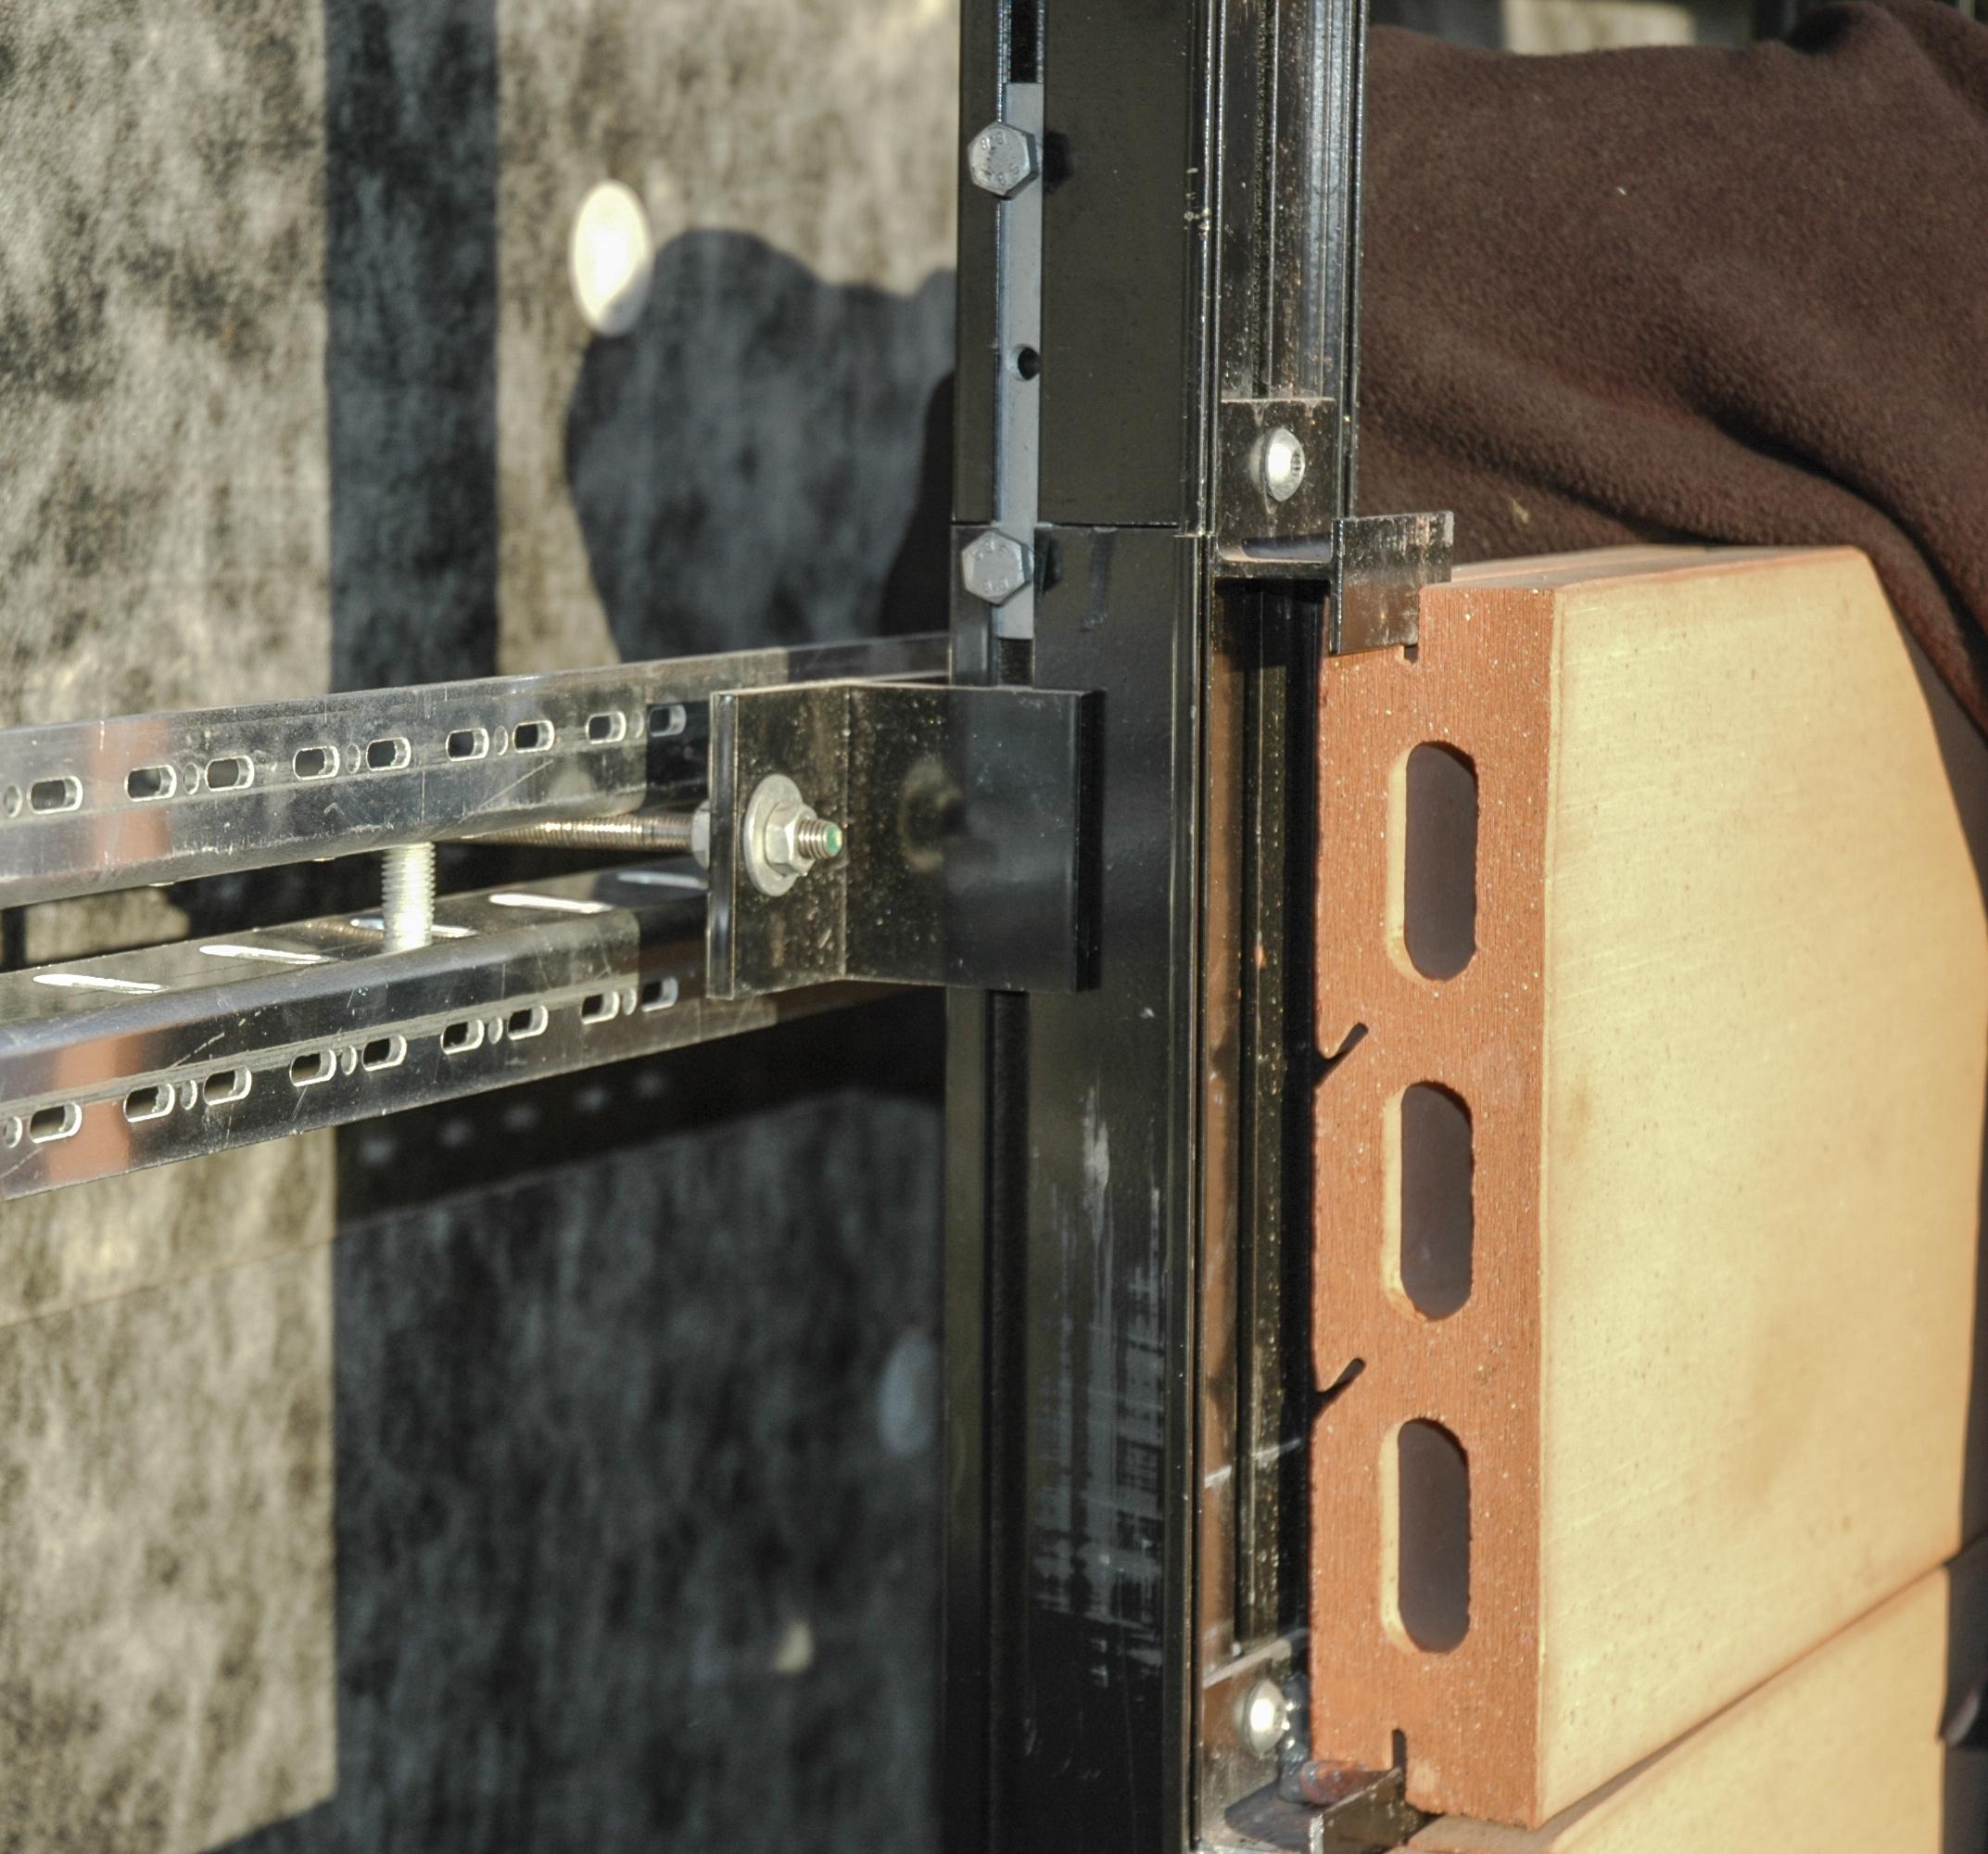 Facciate Ventilate In Cotto Sistemi Meccanici Di Ancoraggio